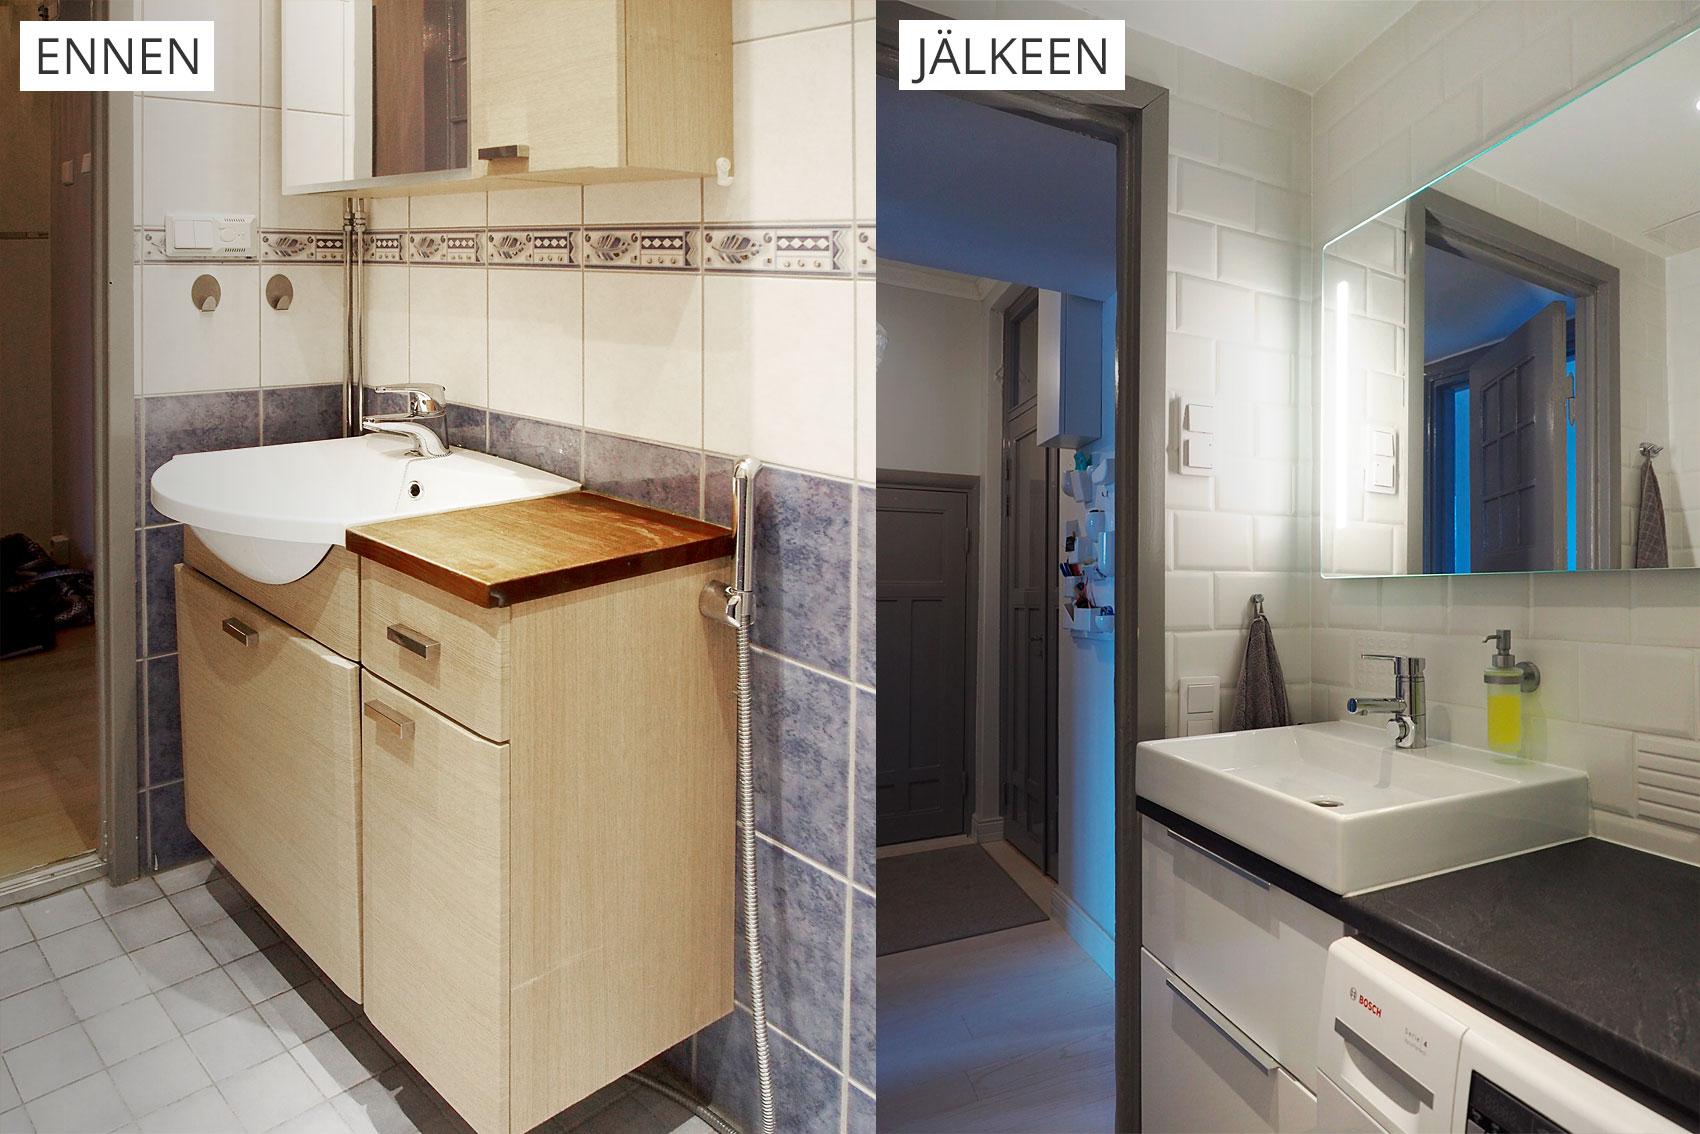 kaksion remontti, kylpyhuone ennen ja jälkeen